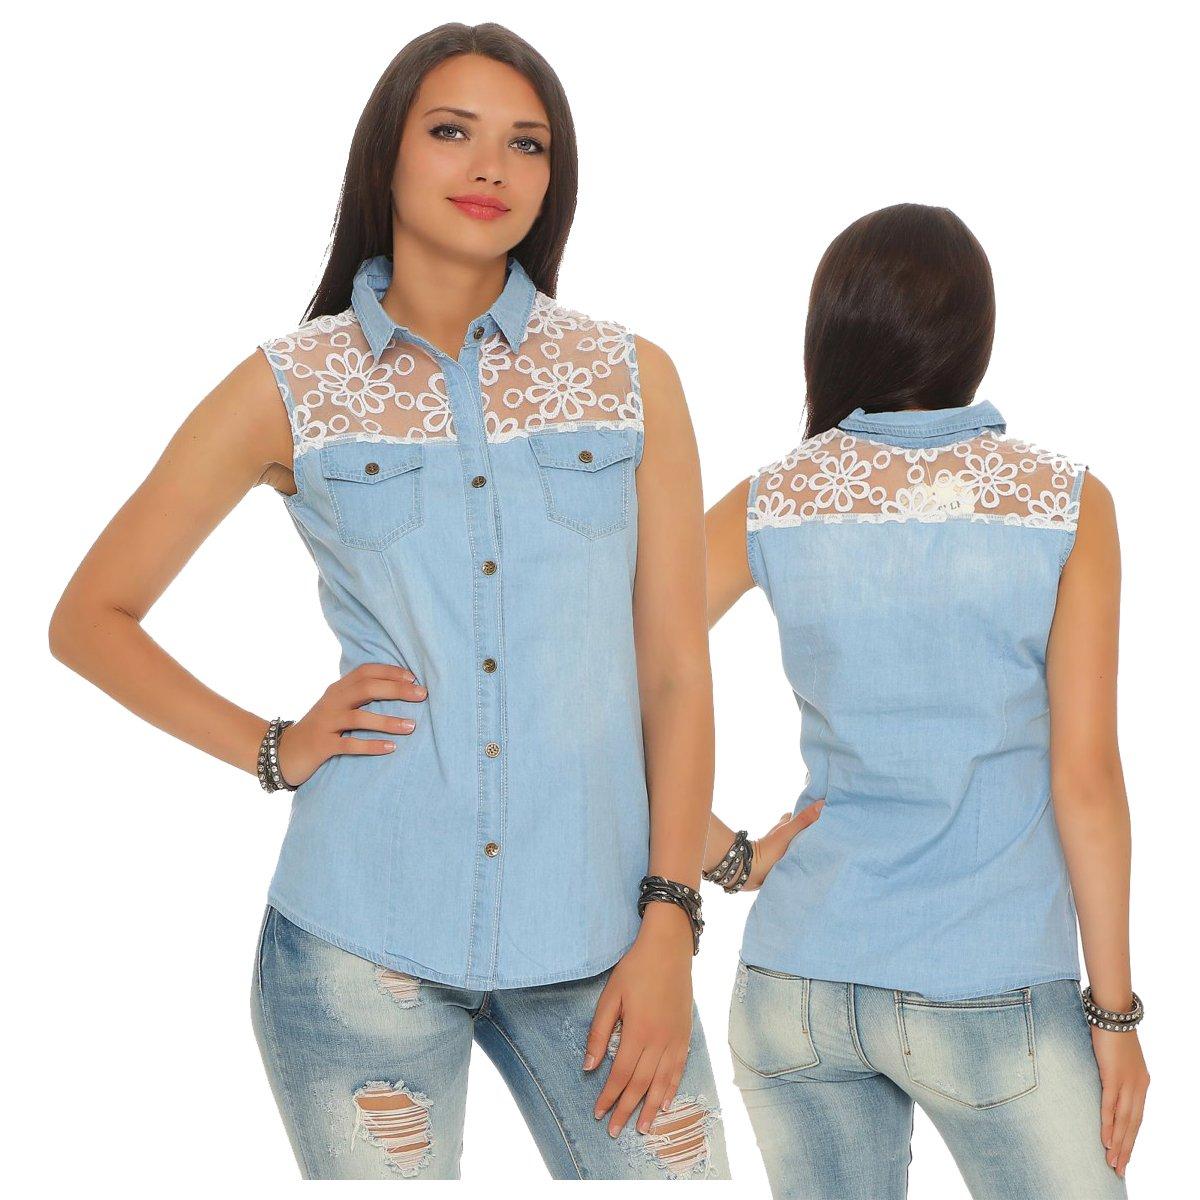 25b8cc7ee41442 Fashion4Young 11231 Damen Jeans Bluse ärmellos Hemdbluse Jeans-Optik Jeans  Bluse Spitze (S=36, blau): Amazon.de: Bekleidung